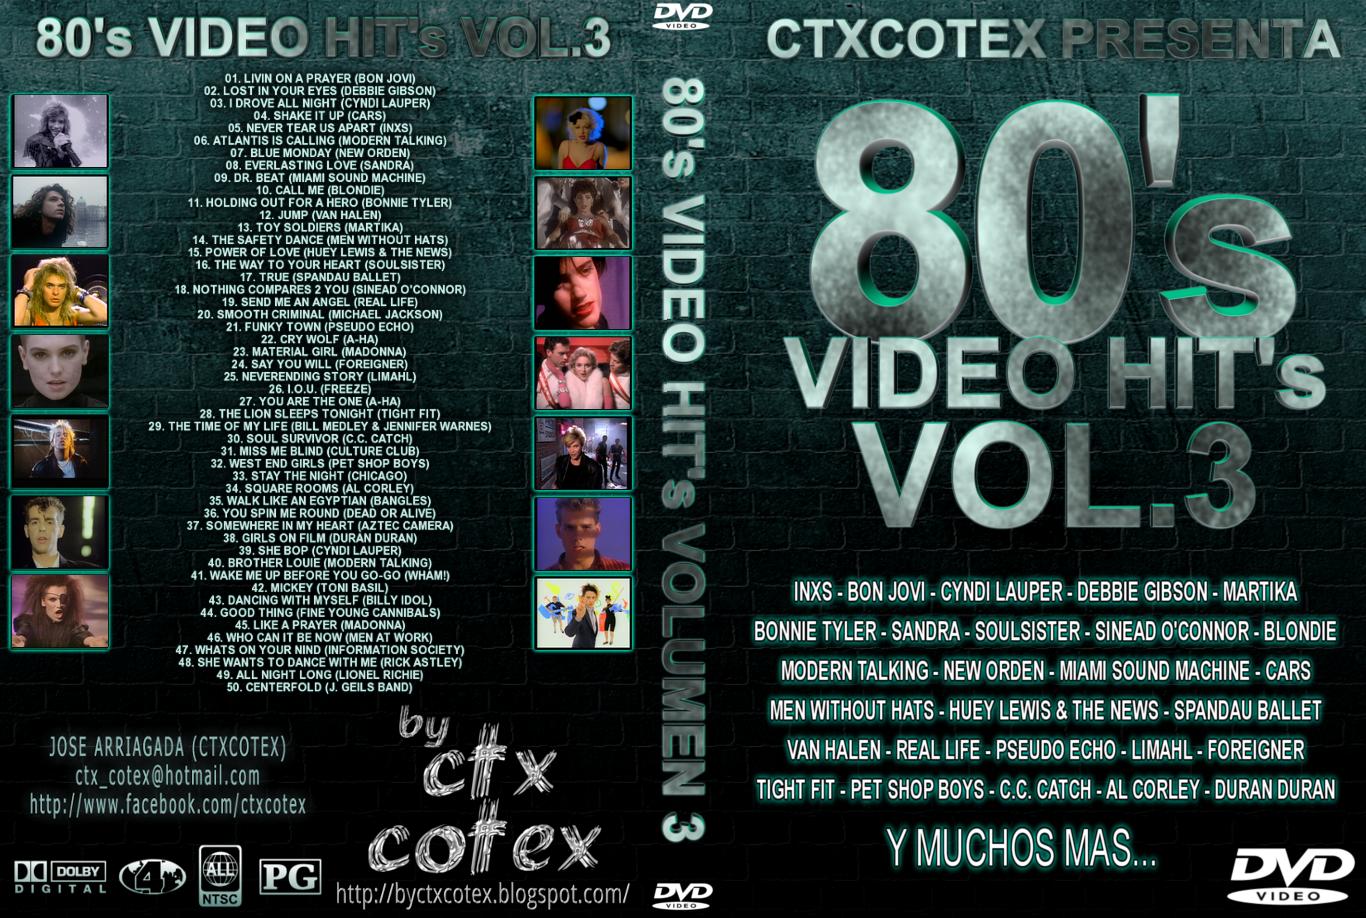 http://2.bp.blogspot.com/-9XrciEdVsfk/UA94M9Xhy1I/AAAAAAAAAT0/h__8kLpnFXc/s1600/Cover80sVideoHitsVol3.png